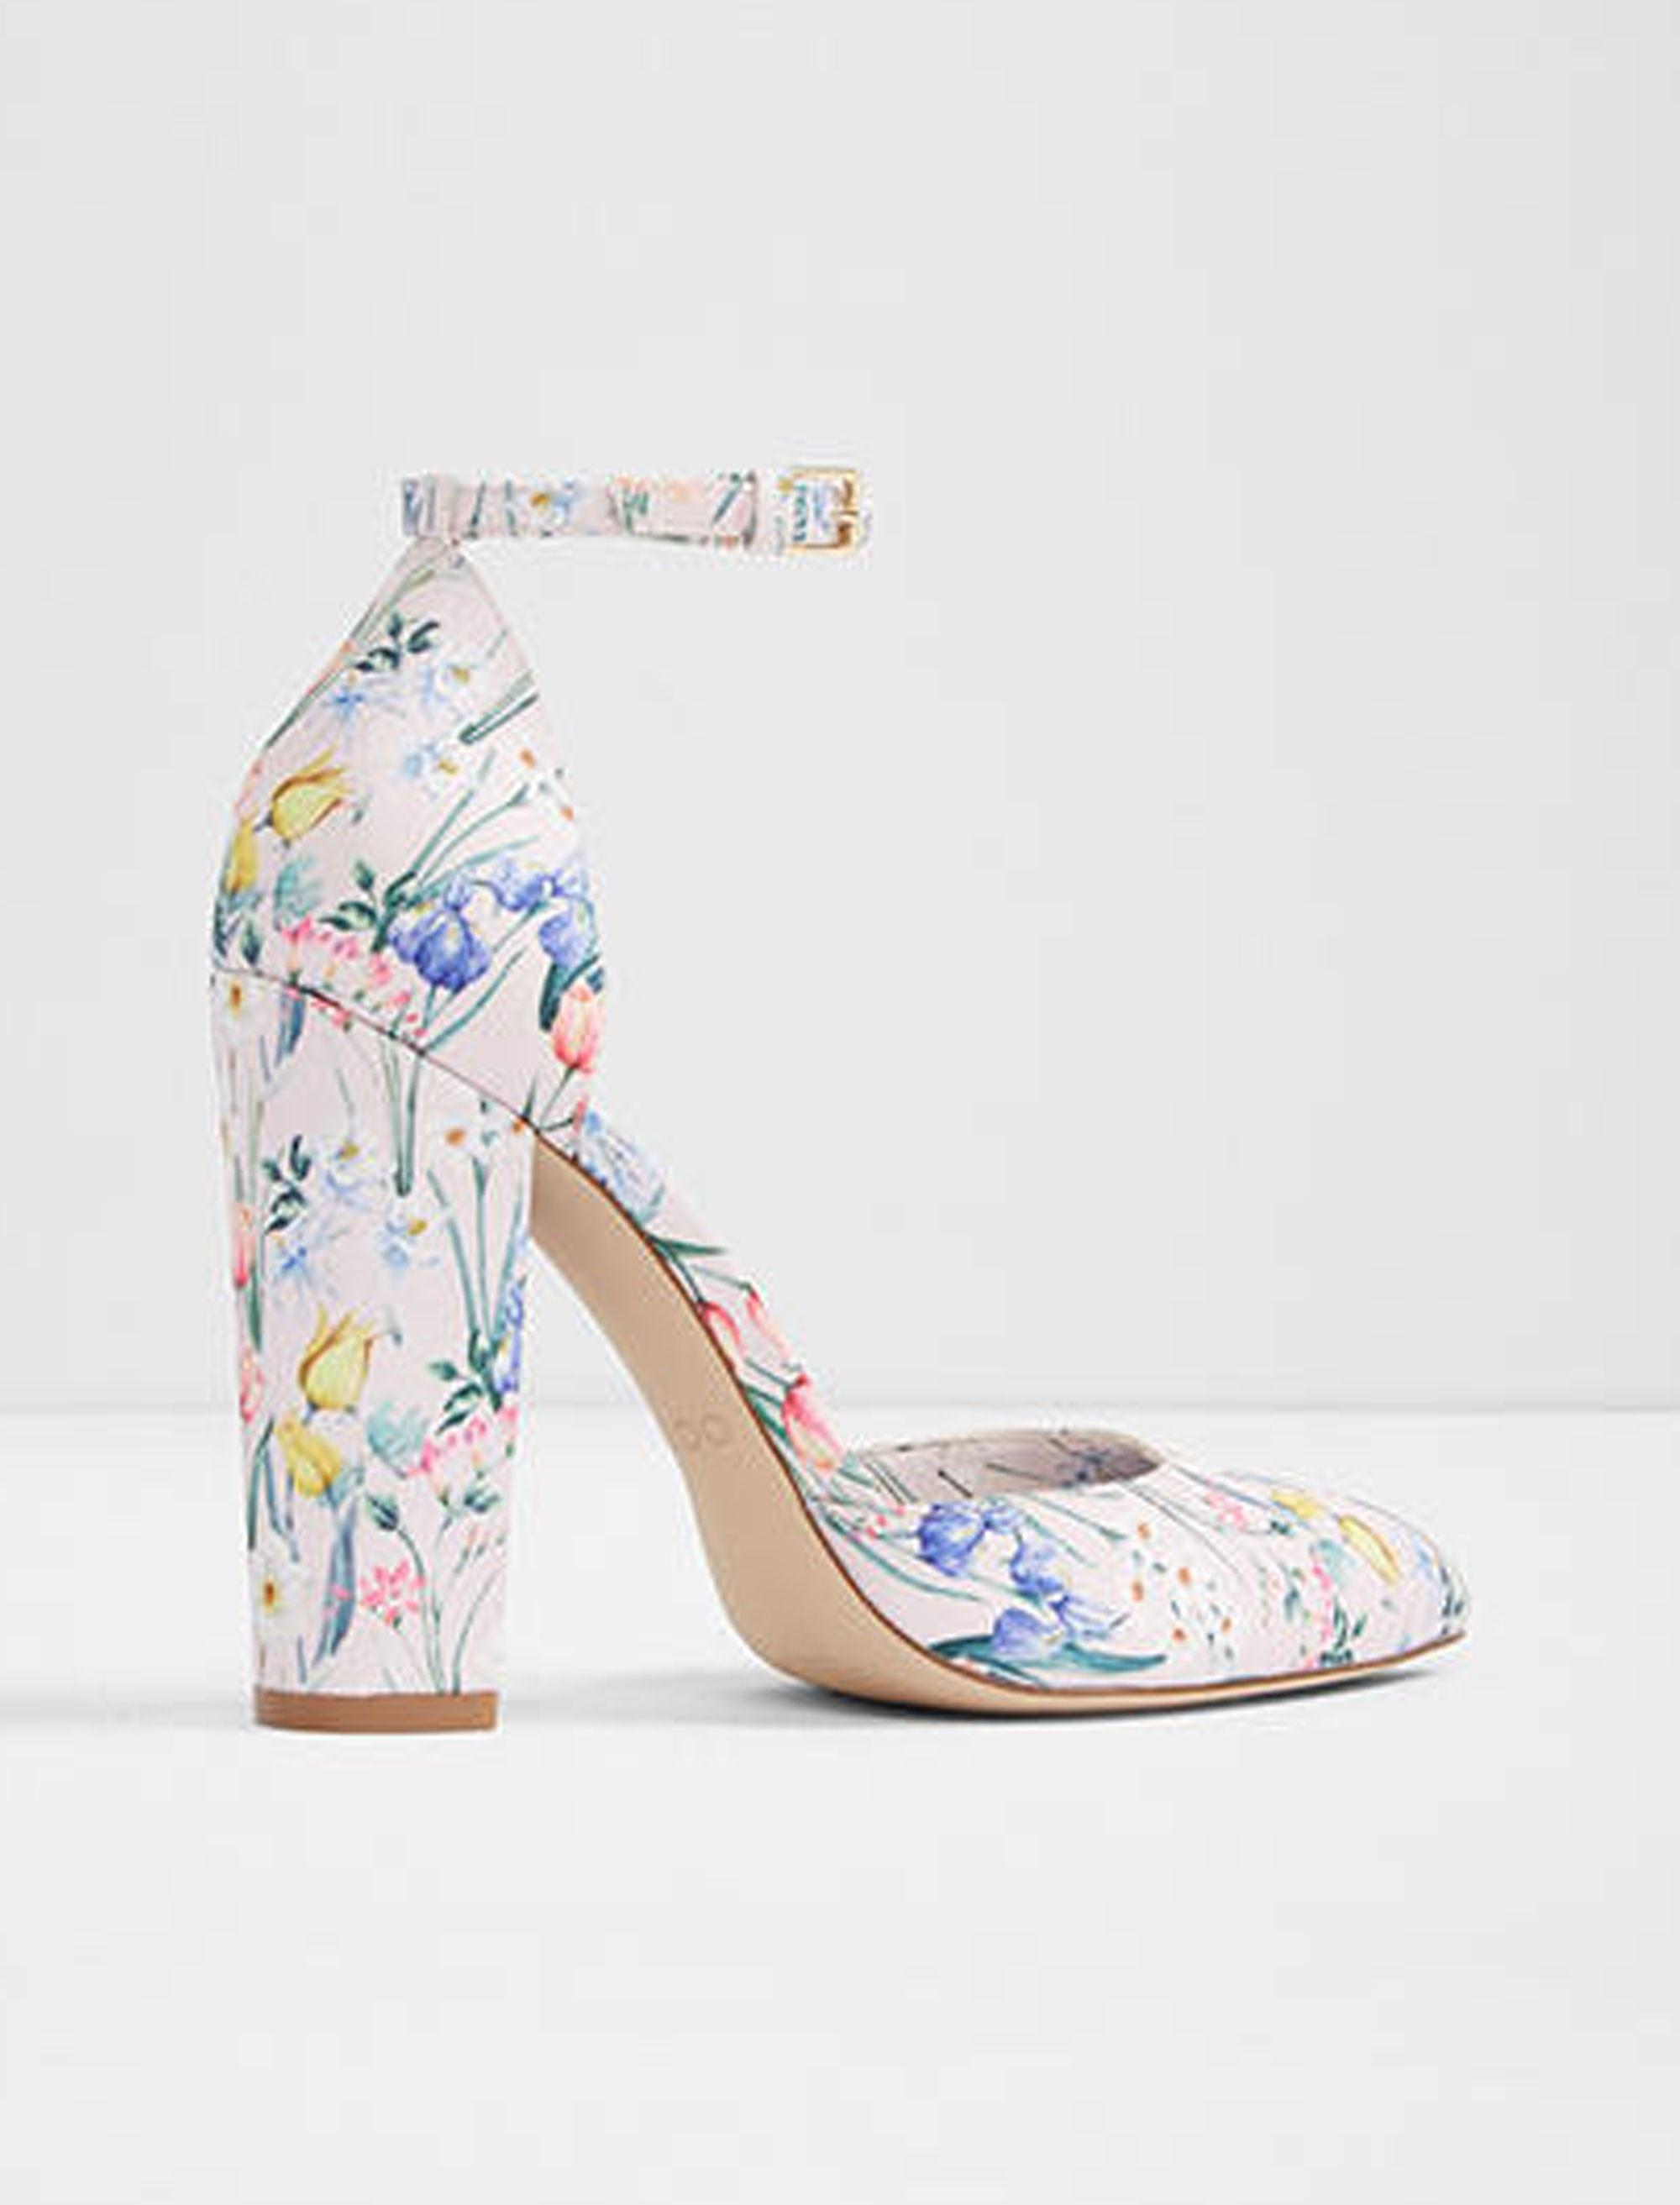 کفش پاشنه بلند زنانه - آلدو - صورتي روشن - 2